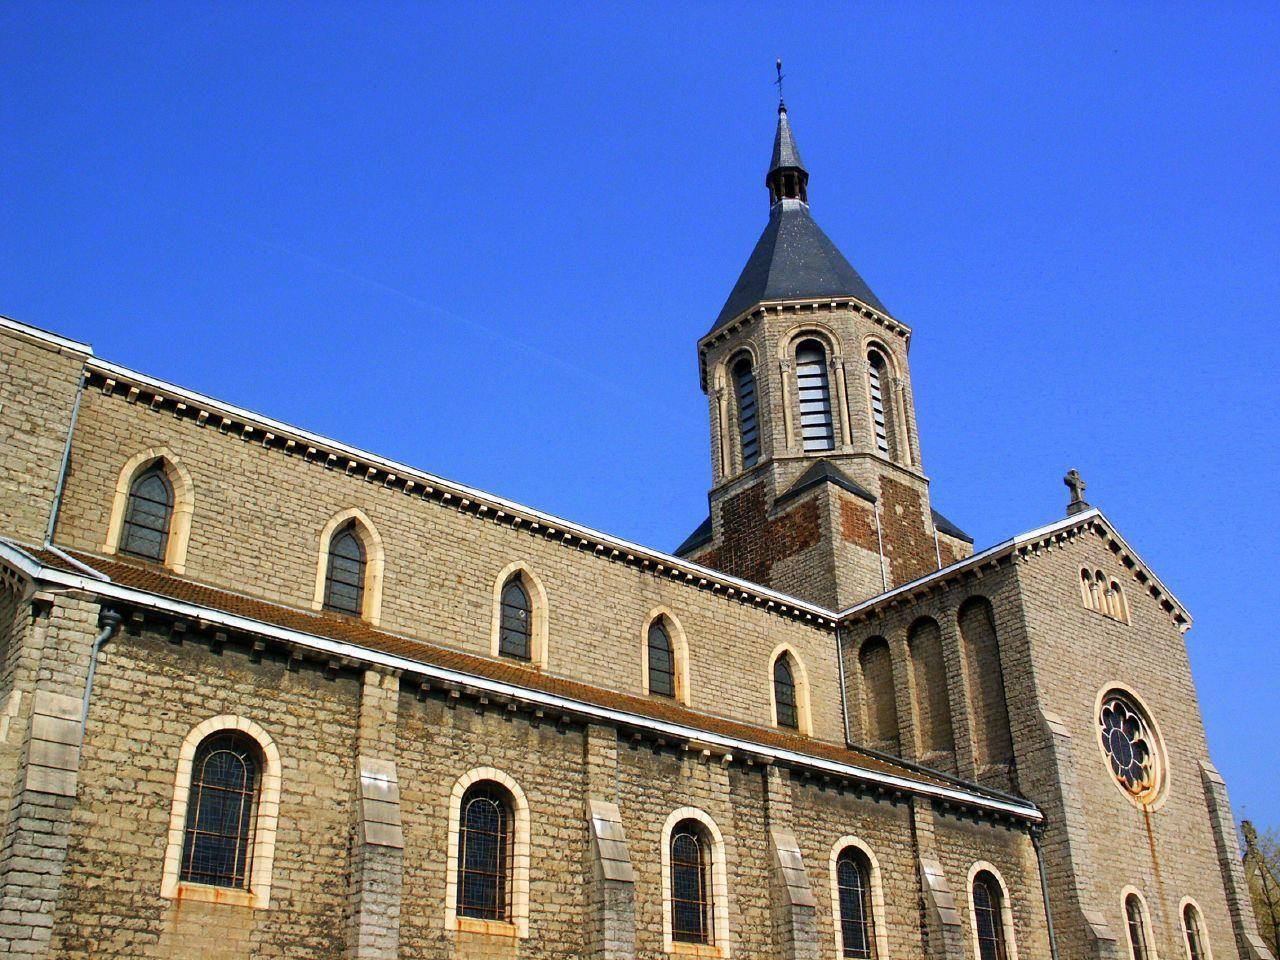 Eglise_Le Creusot Montceau